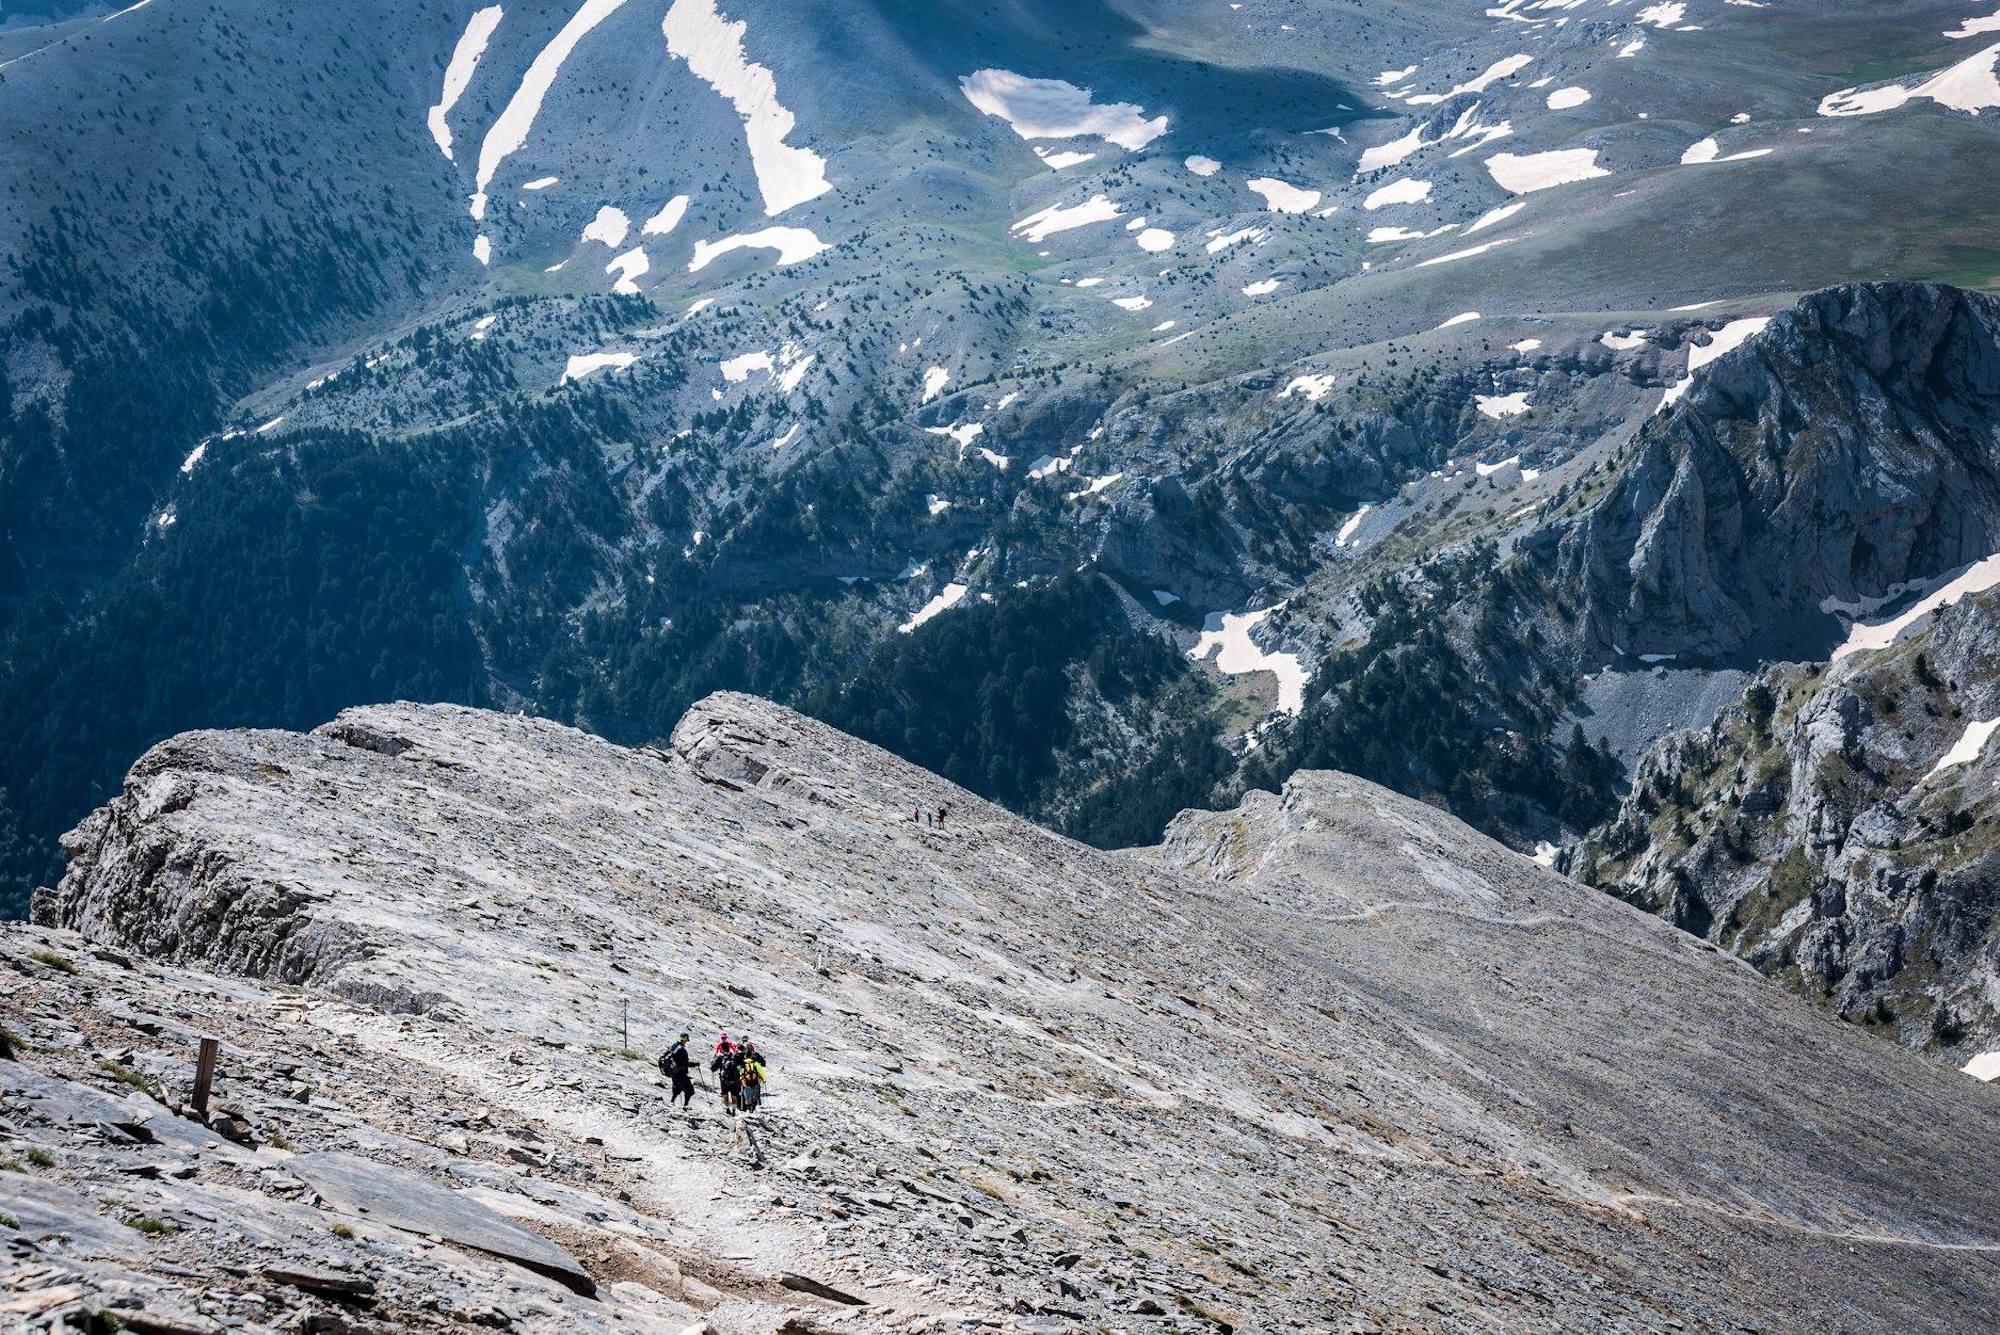 small people in distance trekking across rocks in Greece